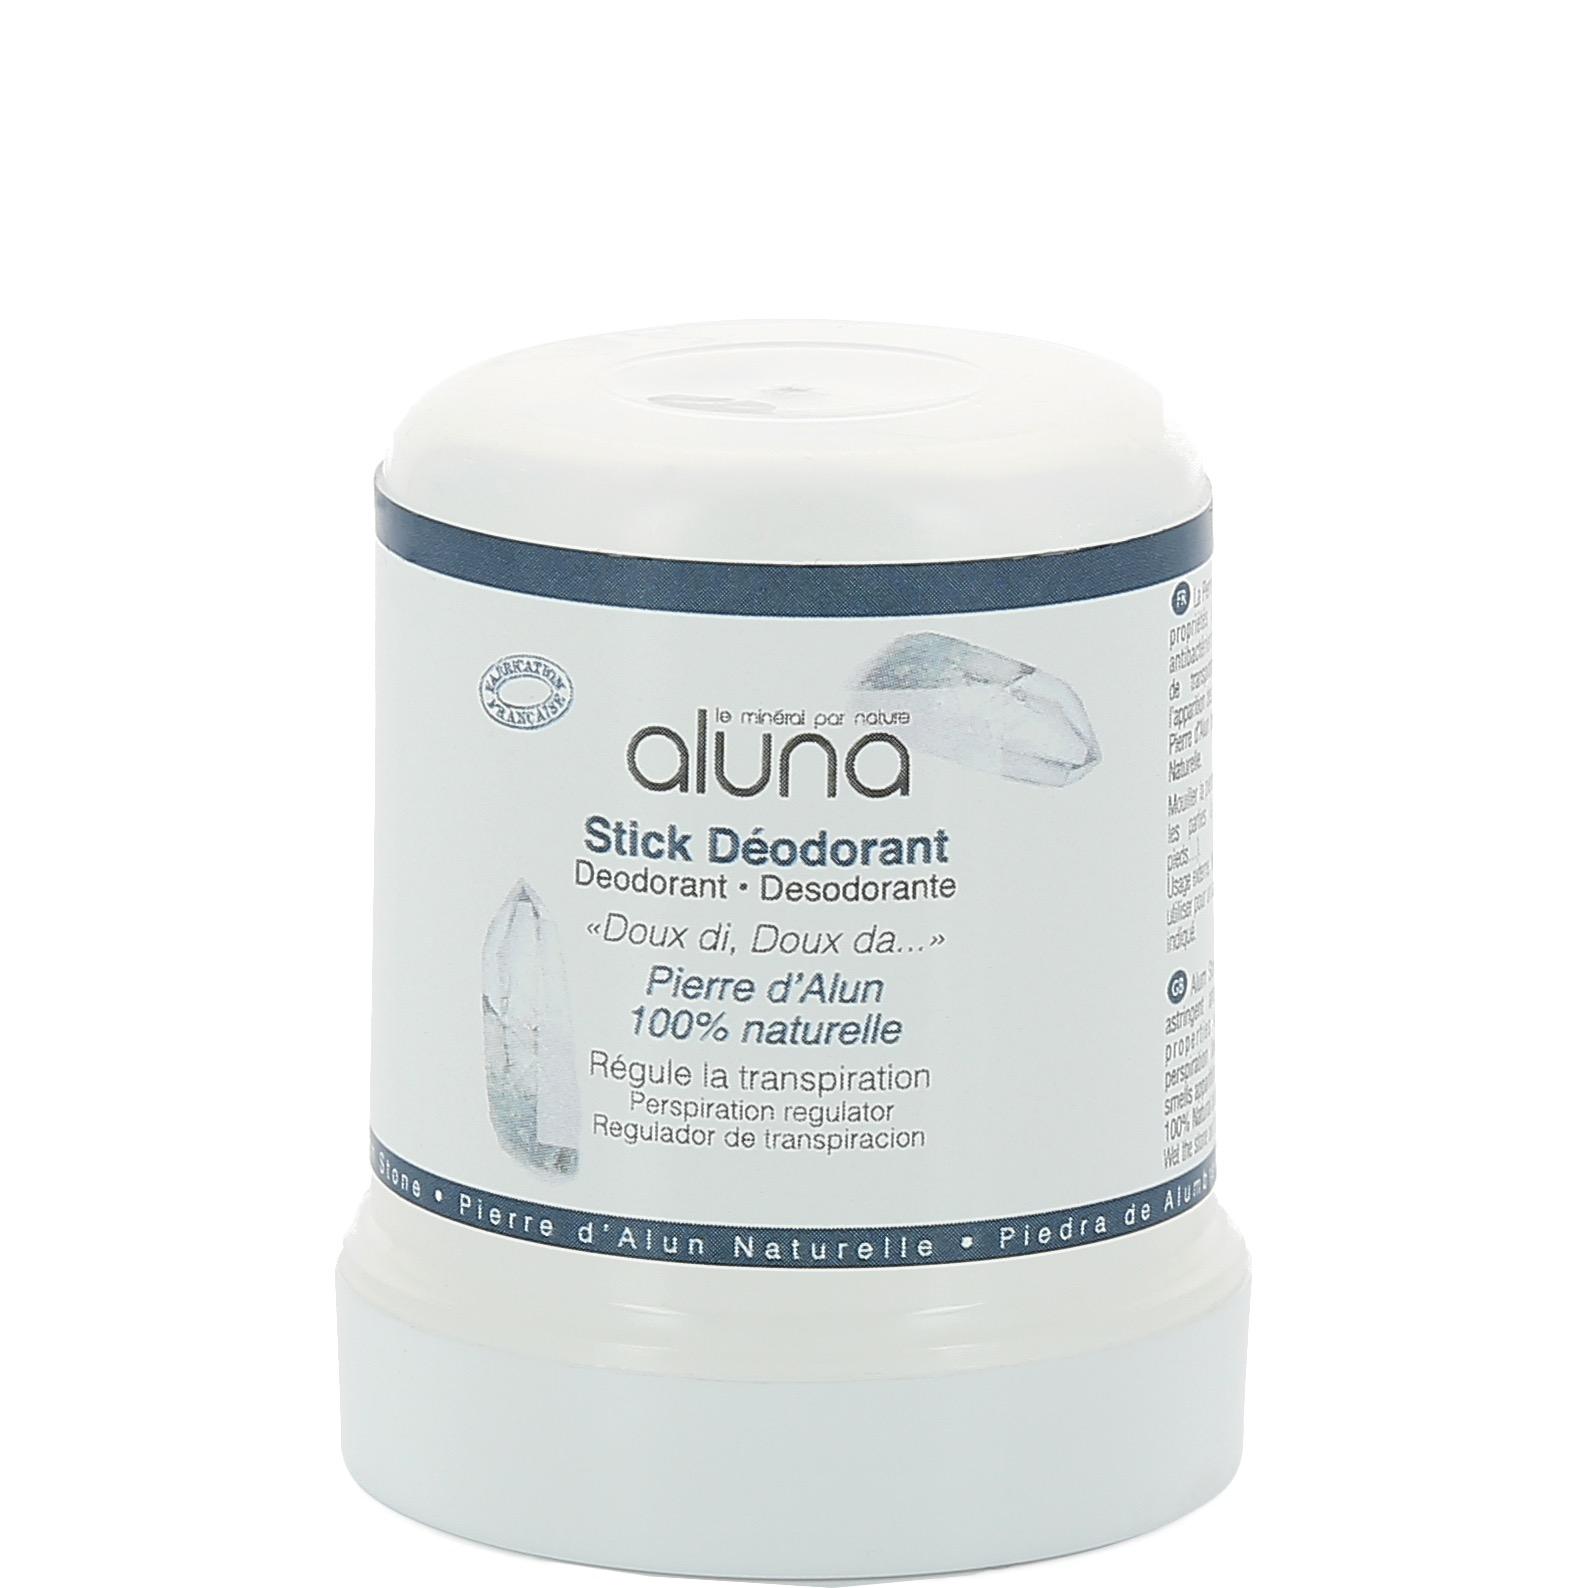 Aluin Deodorant Aluna